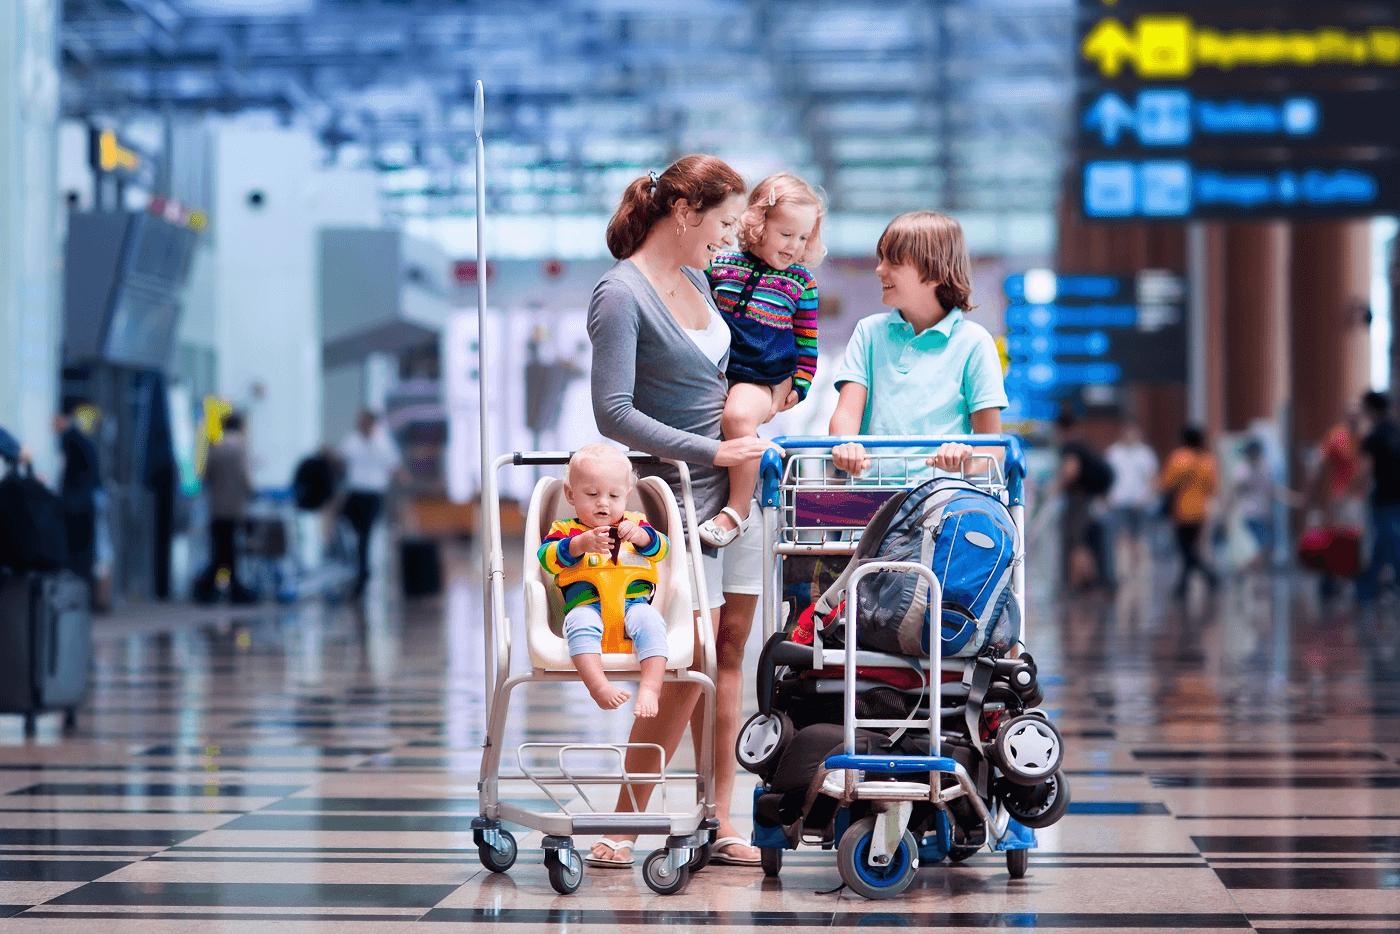 Подорож літаком з 2х річним малюком - до чого готуватися?